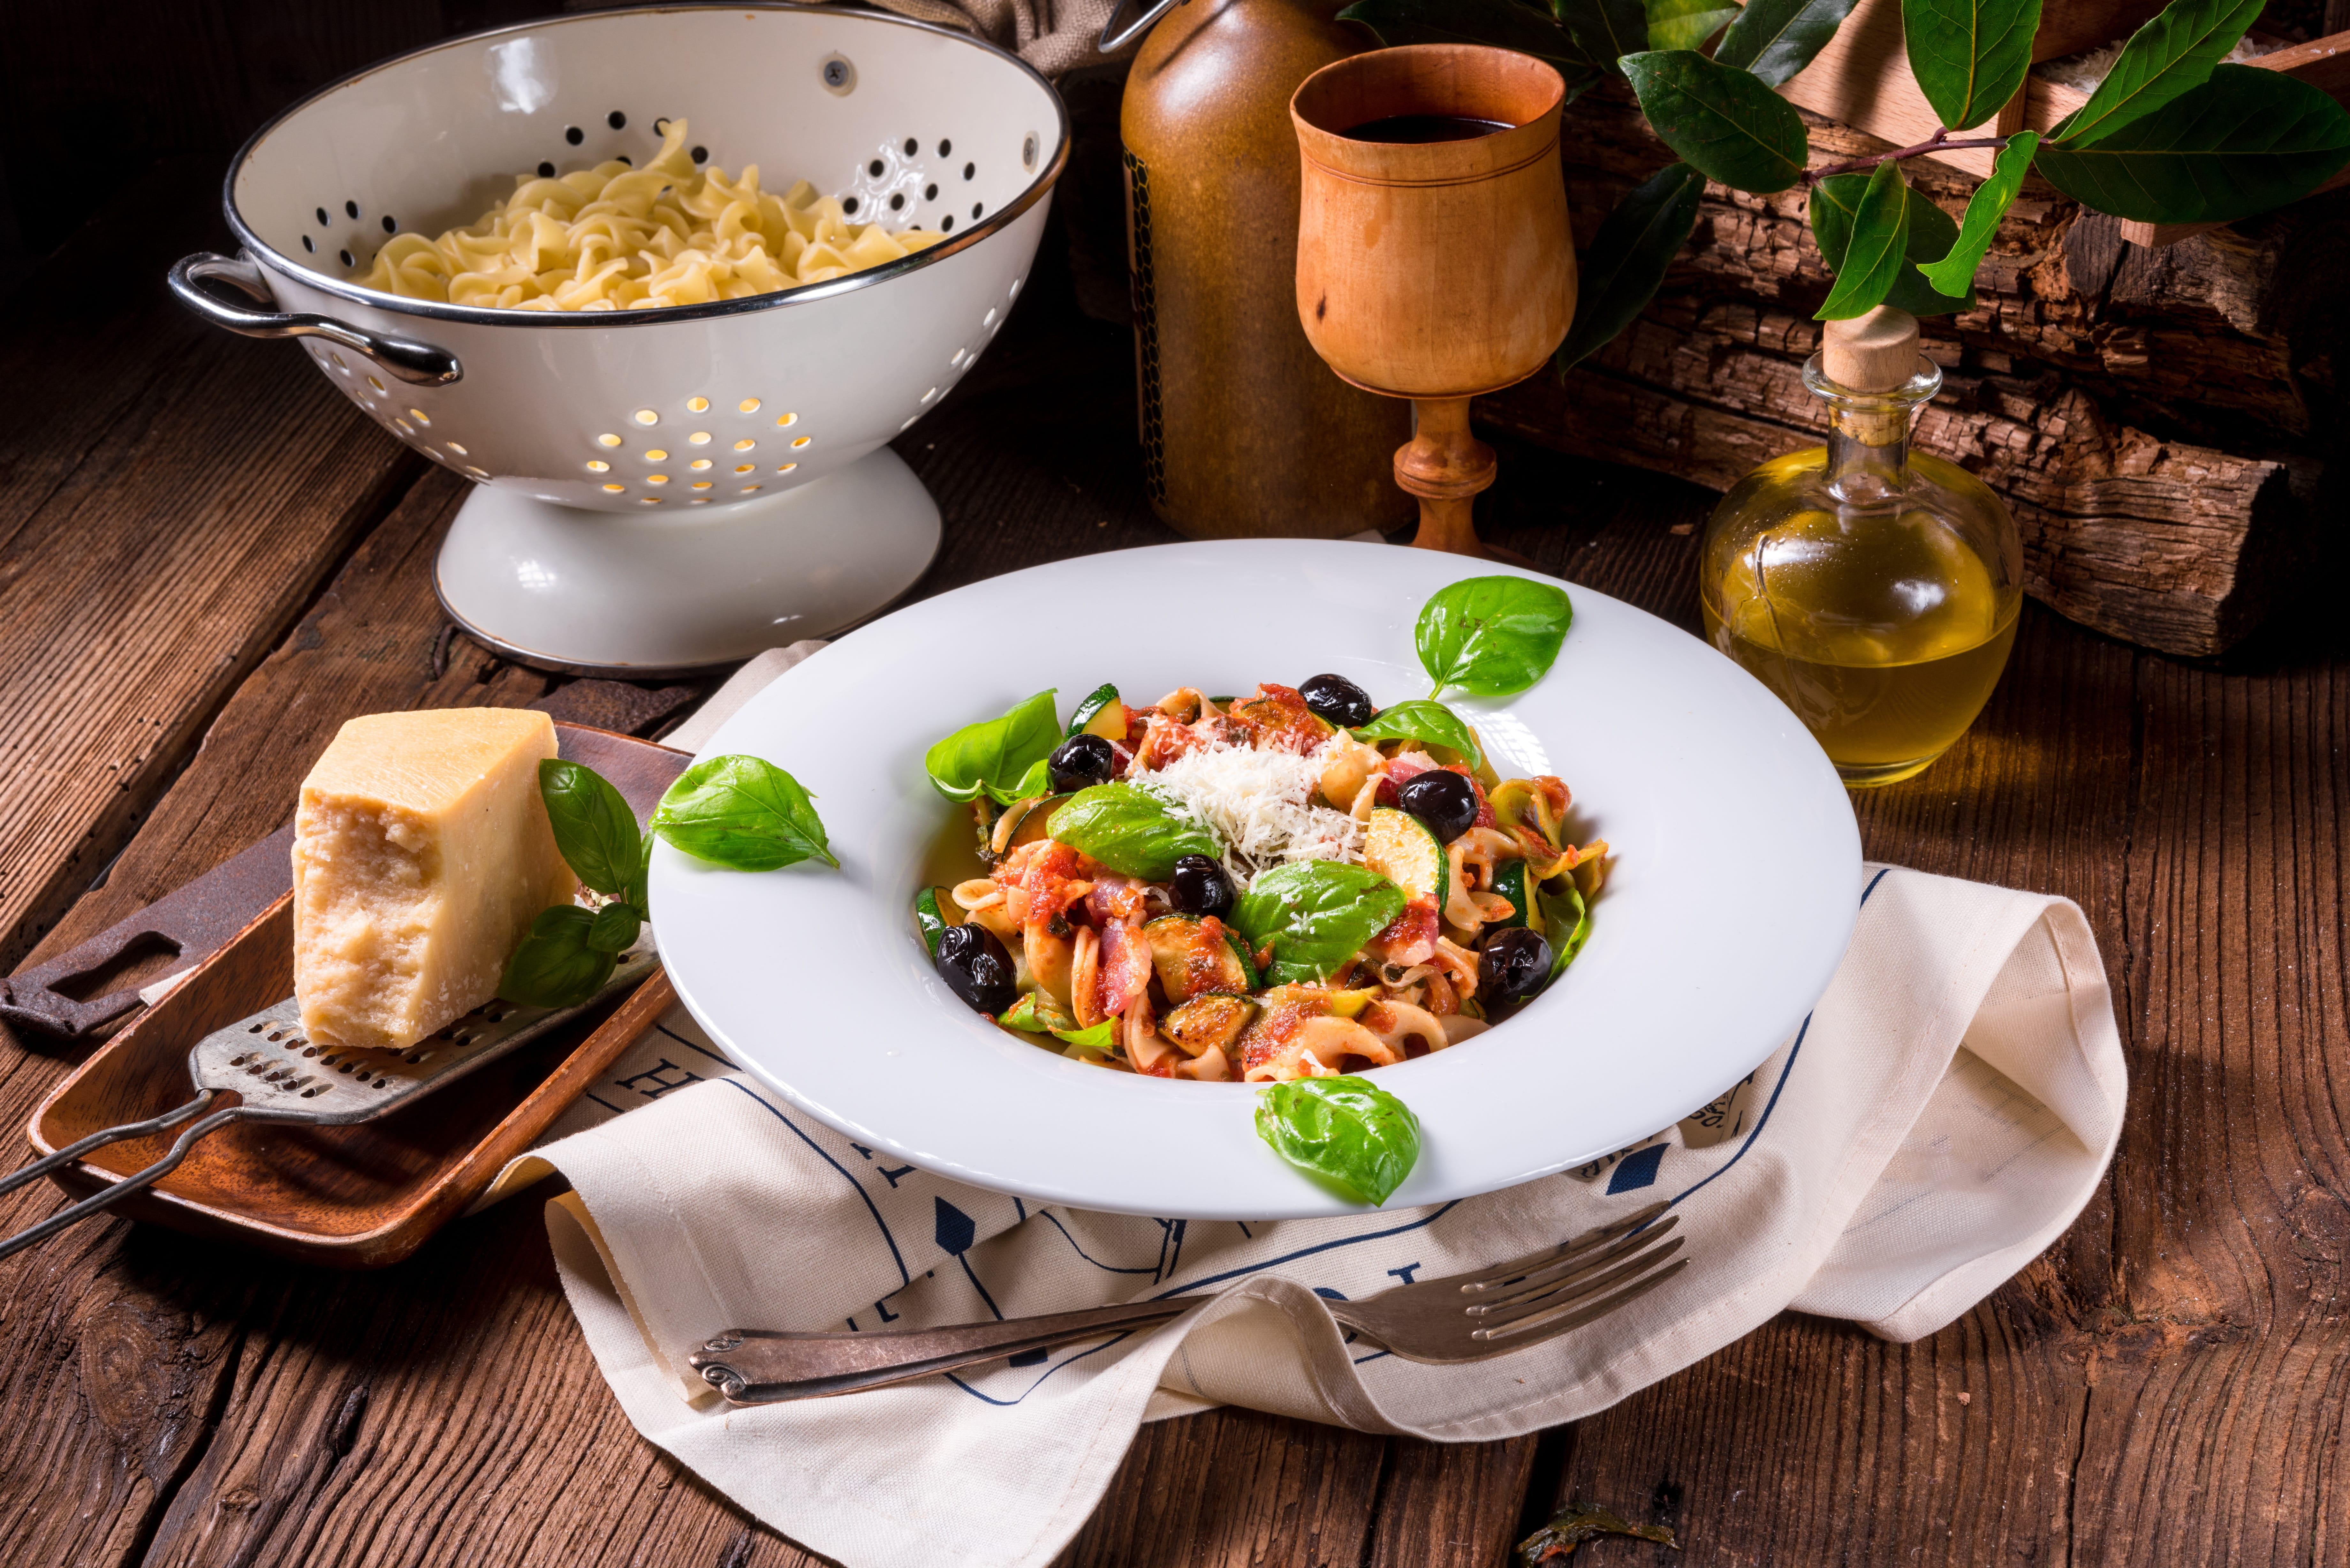 Mediterane Küche küche mediterran dekorieren 6 kreative tipps haushaltstipps